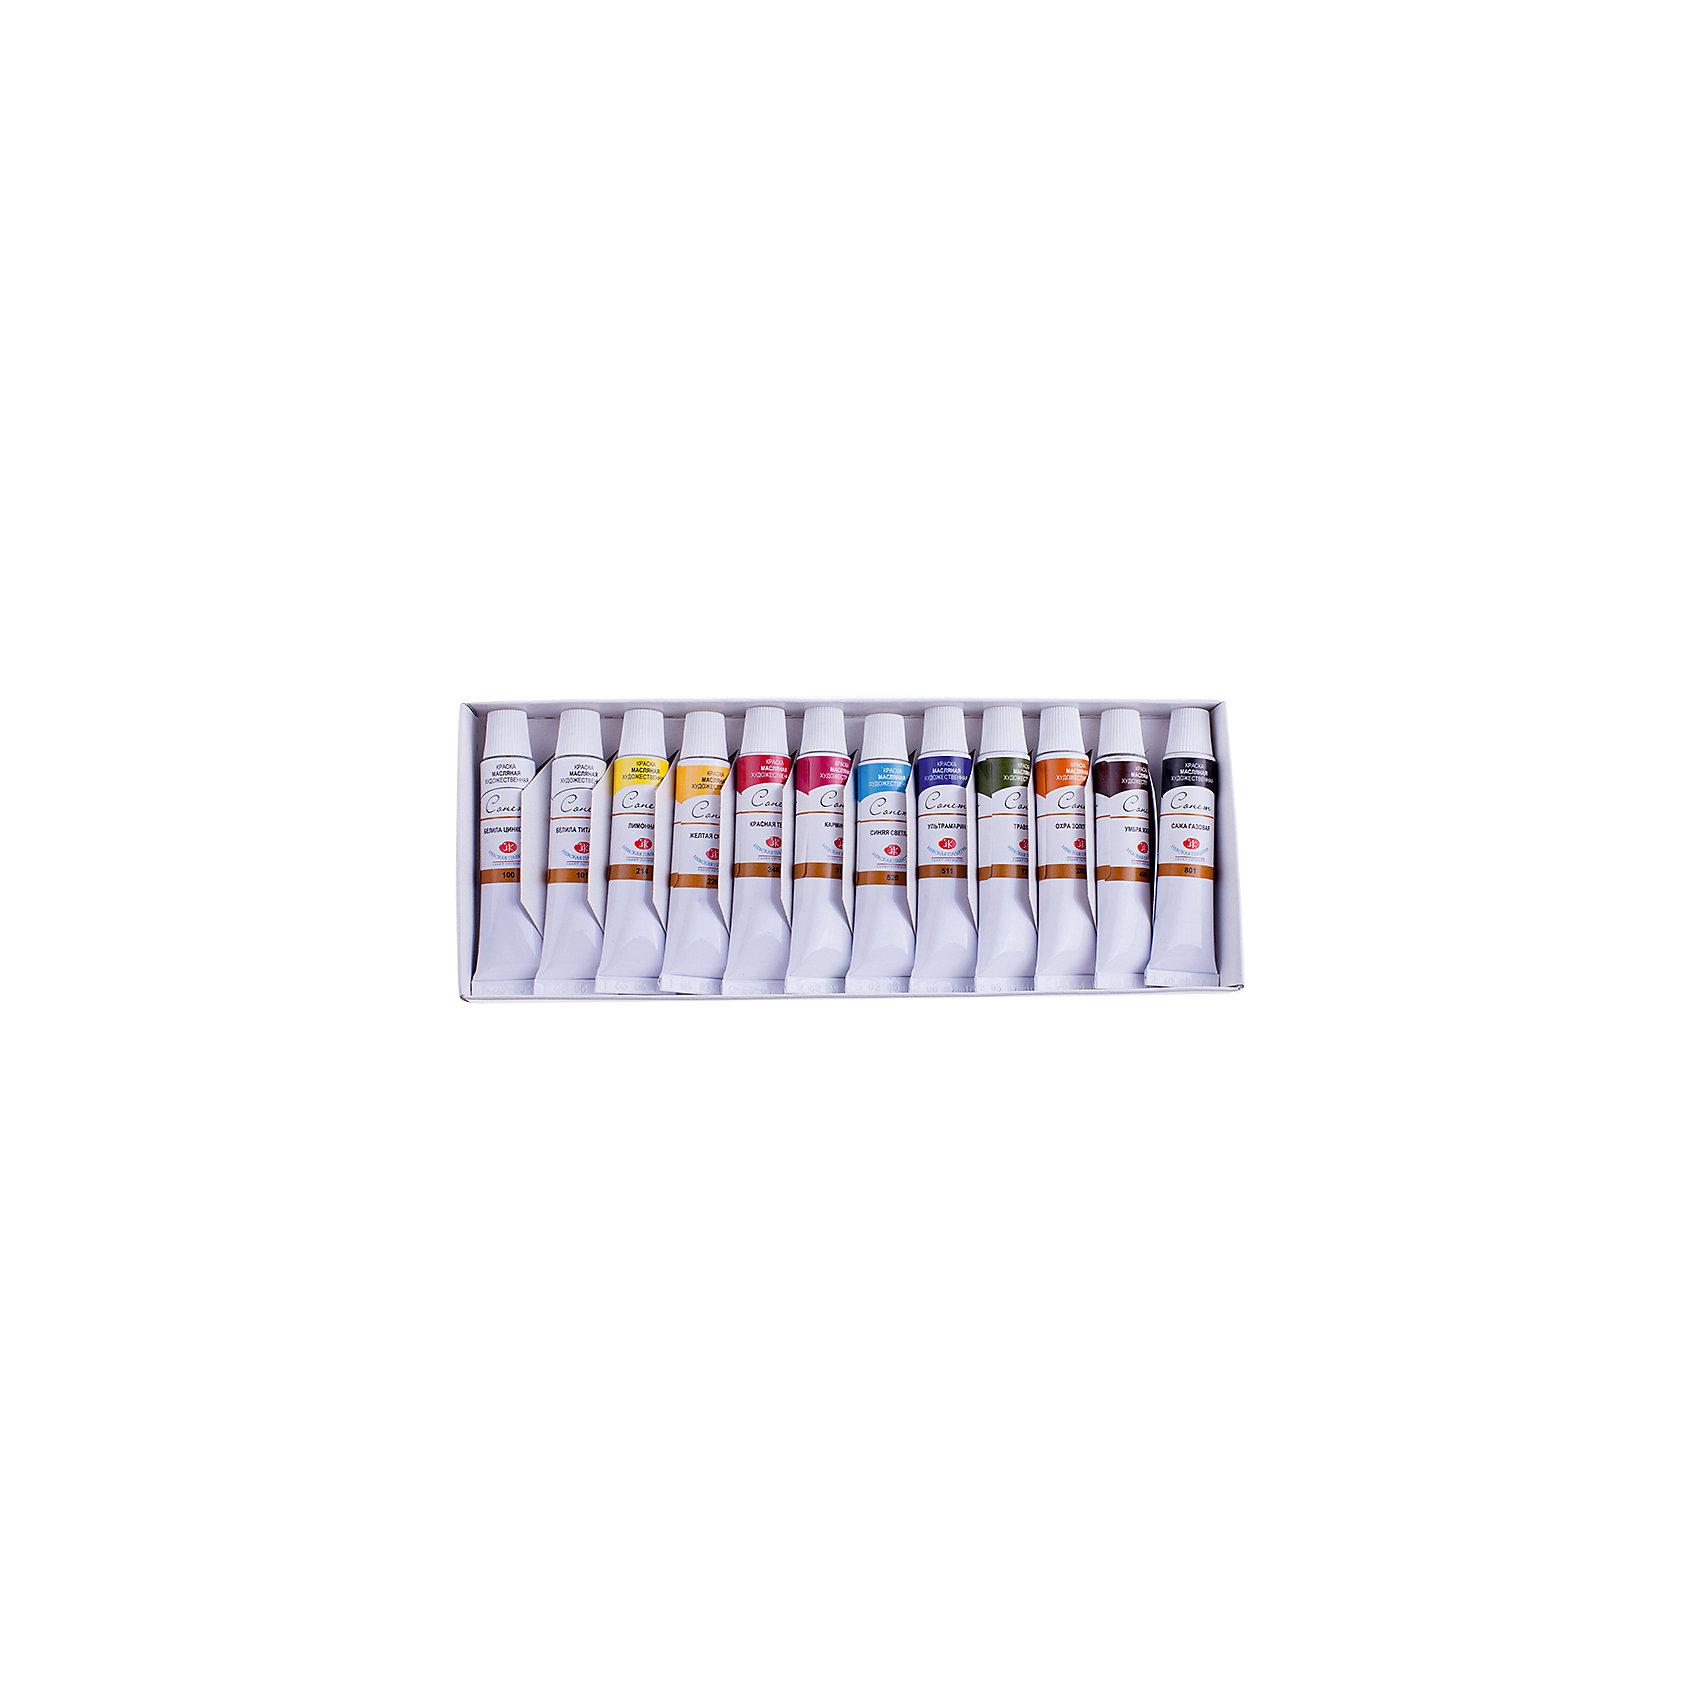 Краски масляные 12 цветов Сонет, 10мл/туба от myToys